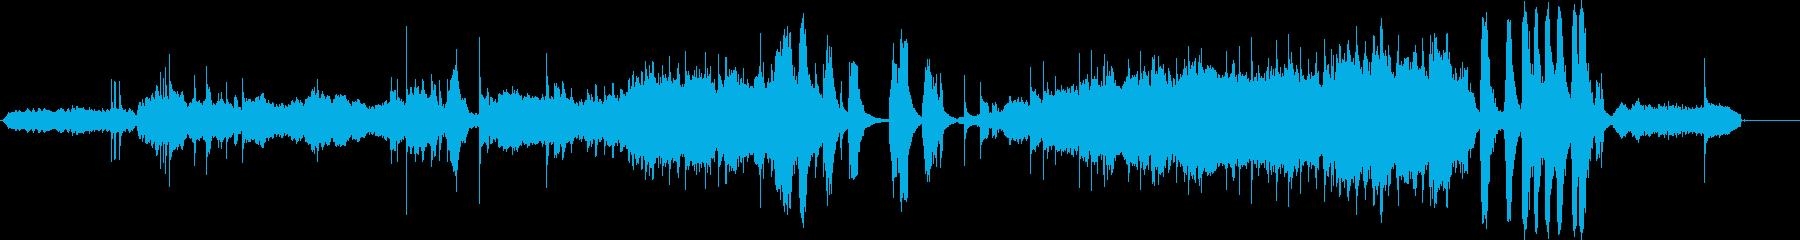 オーケストラトラックは不気味で怖い...の再生済みの波形